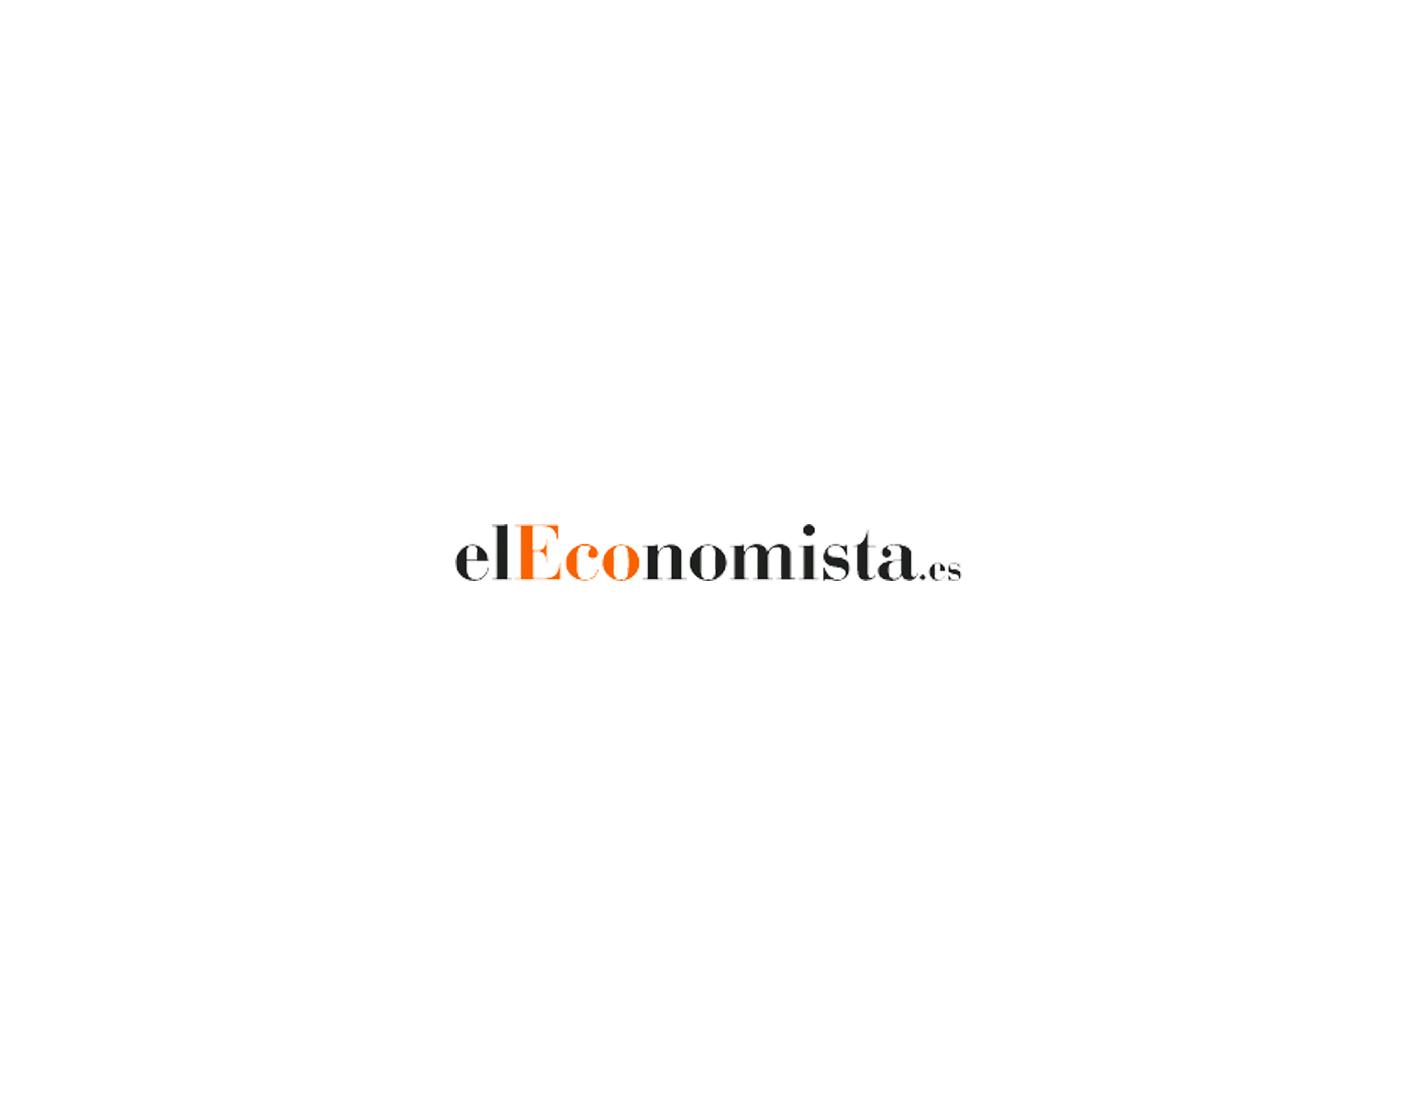 Hacienda aprovecha el confinamiento de los extranjeros en España para cobrarles impuestos